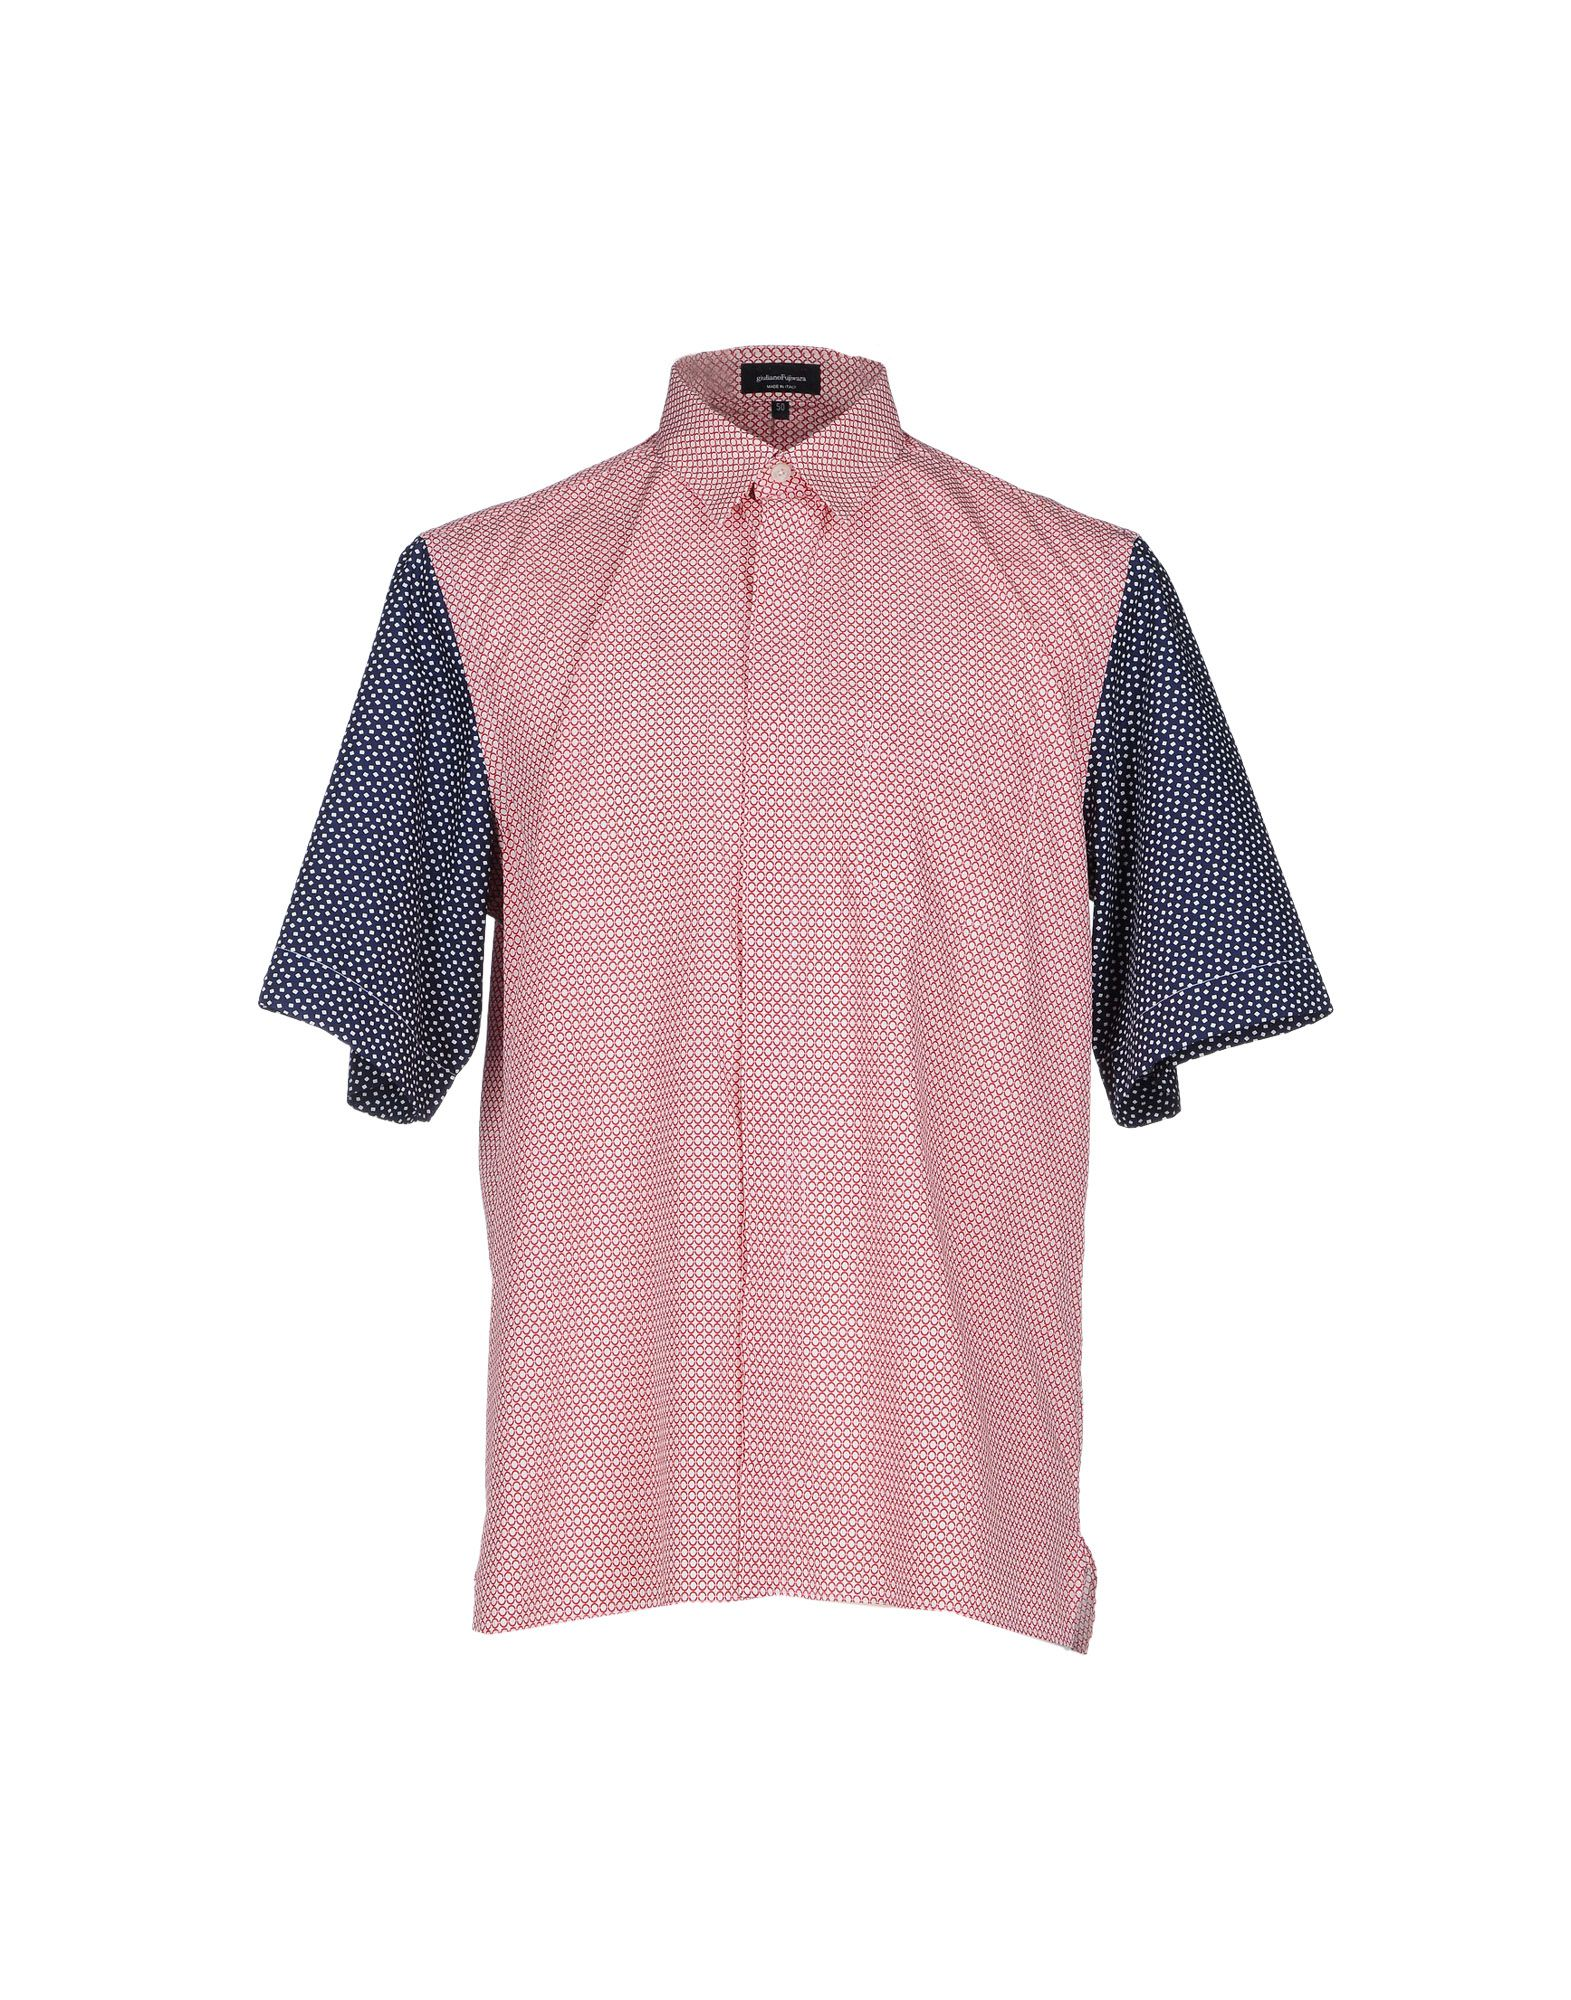 GIULIANO FUJIWARA Patterned Shirt in Red